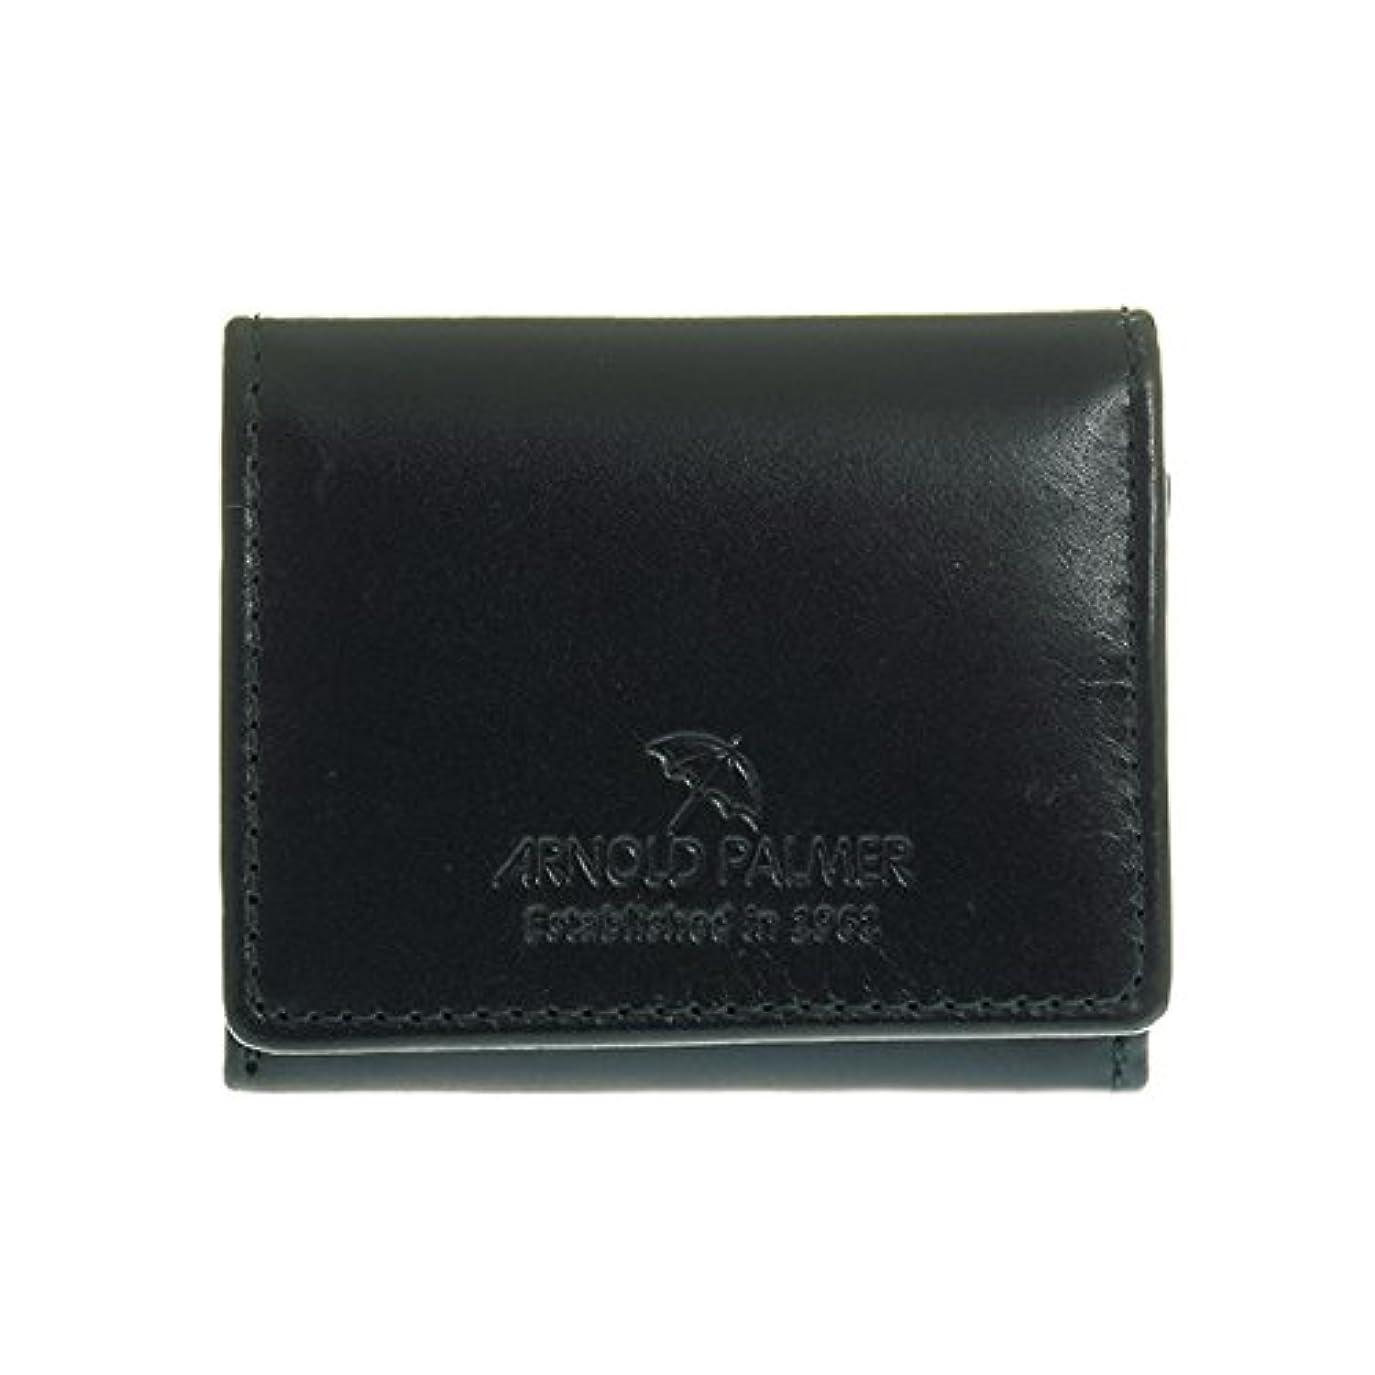 ロマンチックインシデント潜在的なアーノルドパーマー ARNOLD PALMER コンビカラー 小銭入れ コインケース メンズ 4AP3255-GR グリーン